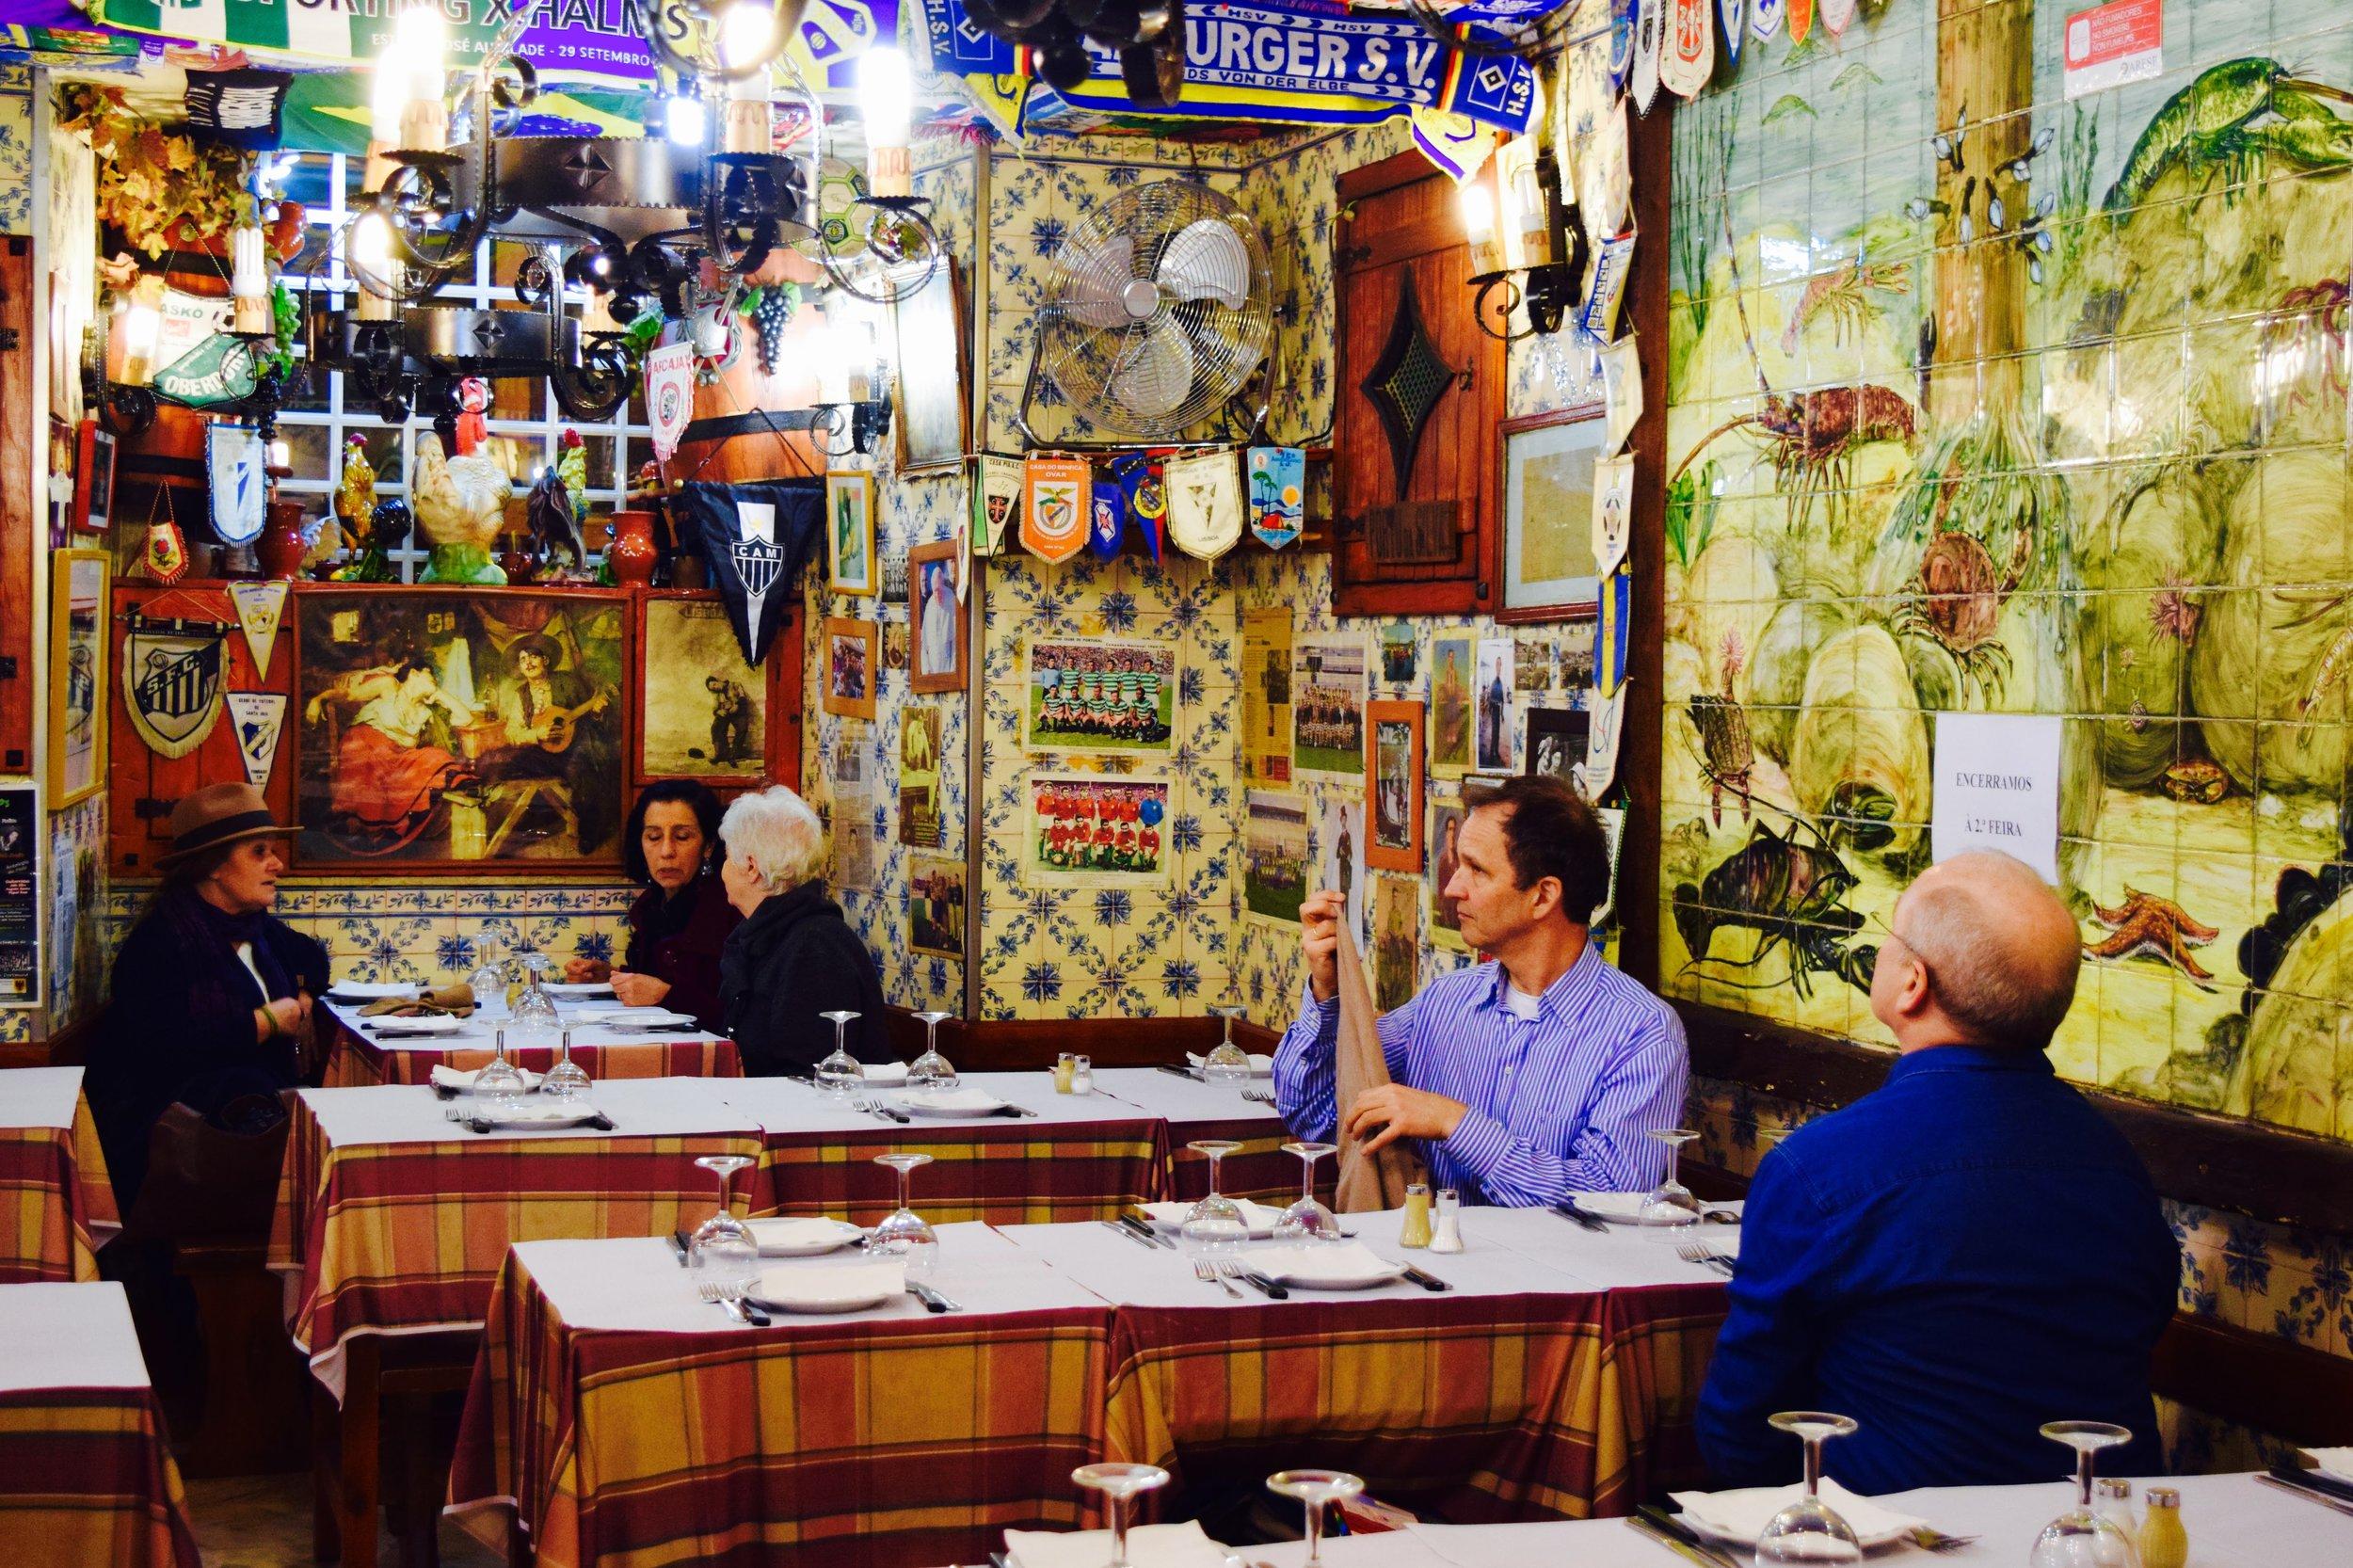 Adega de Sao Roque Taverna in Lisbon